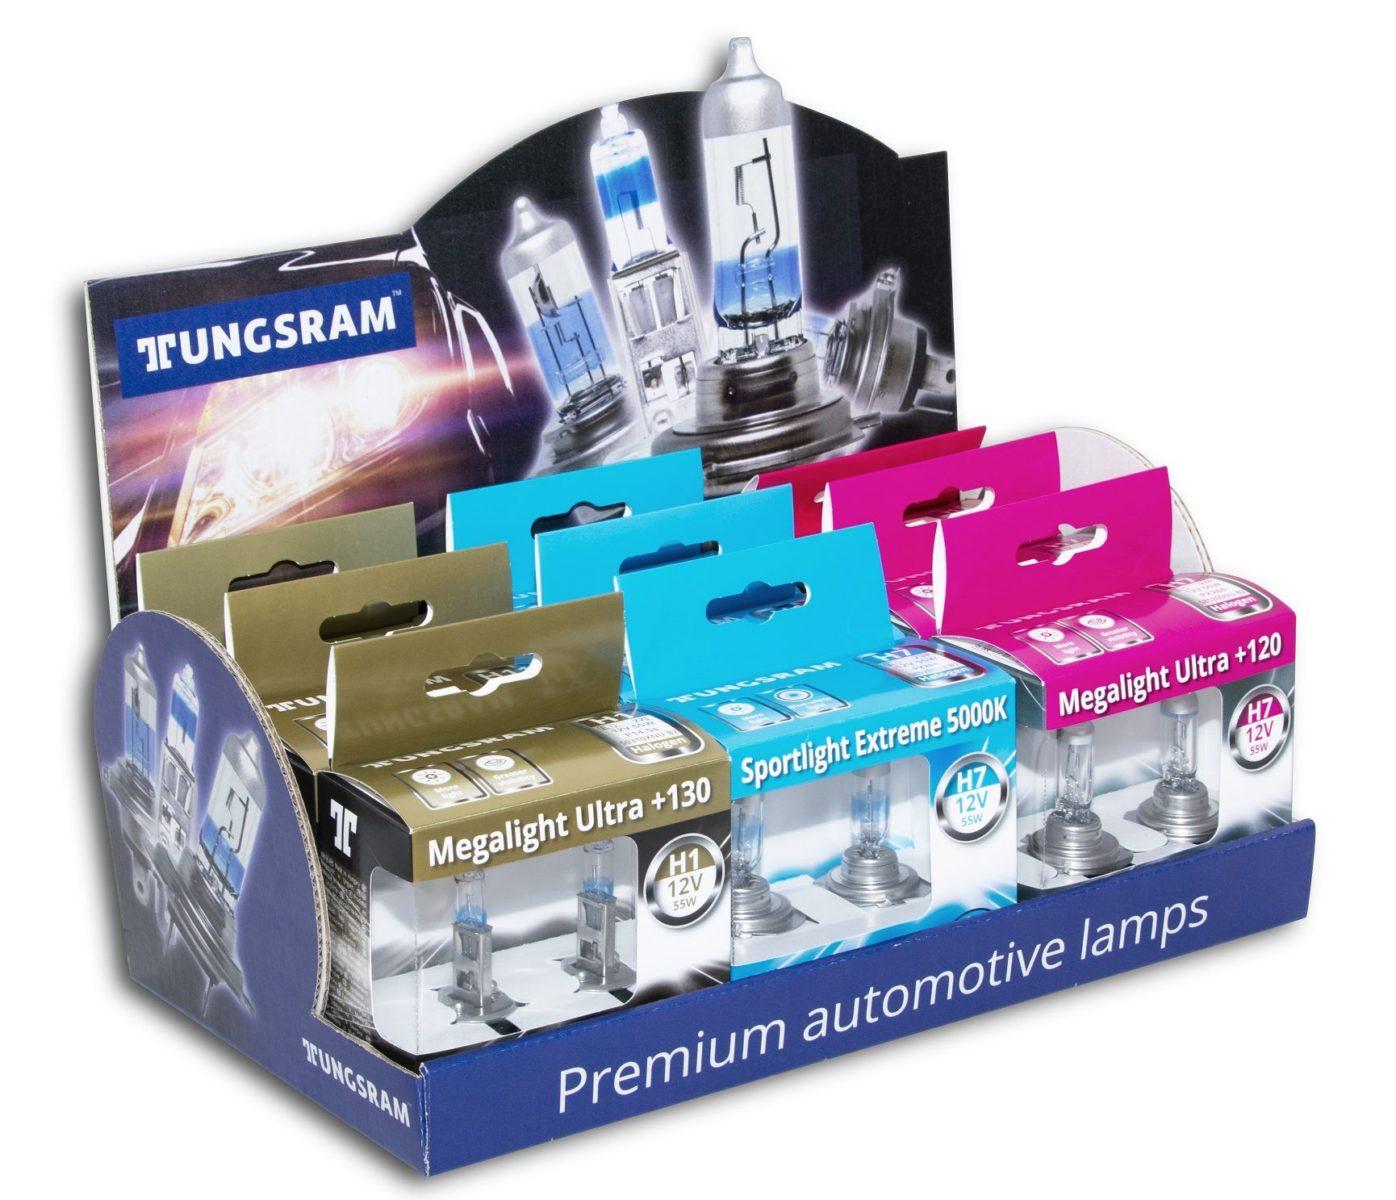 Tungsram illuminazione automotive di qualità